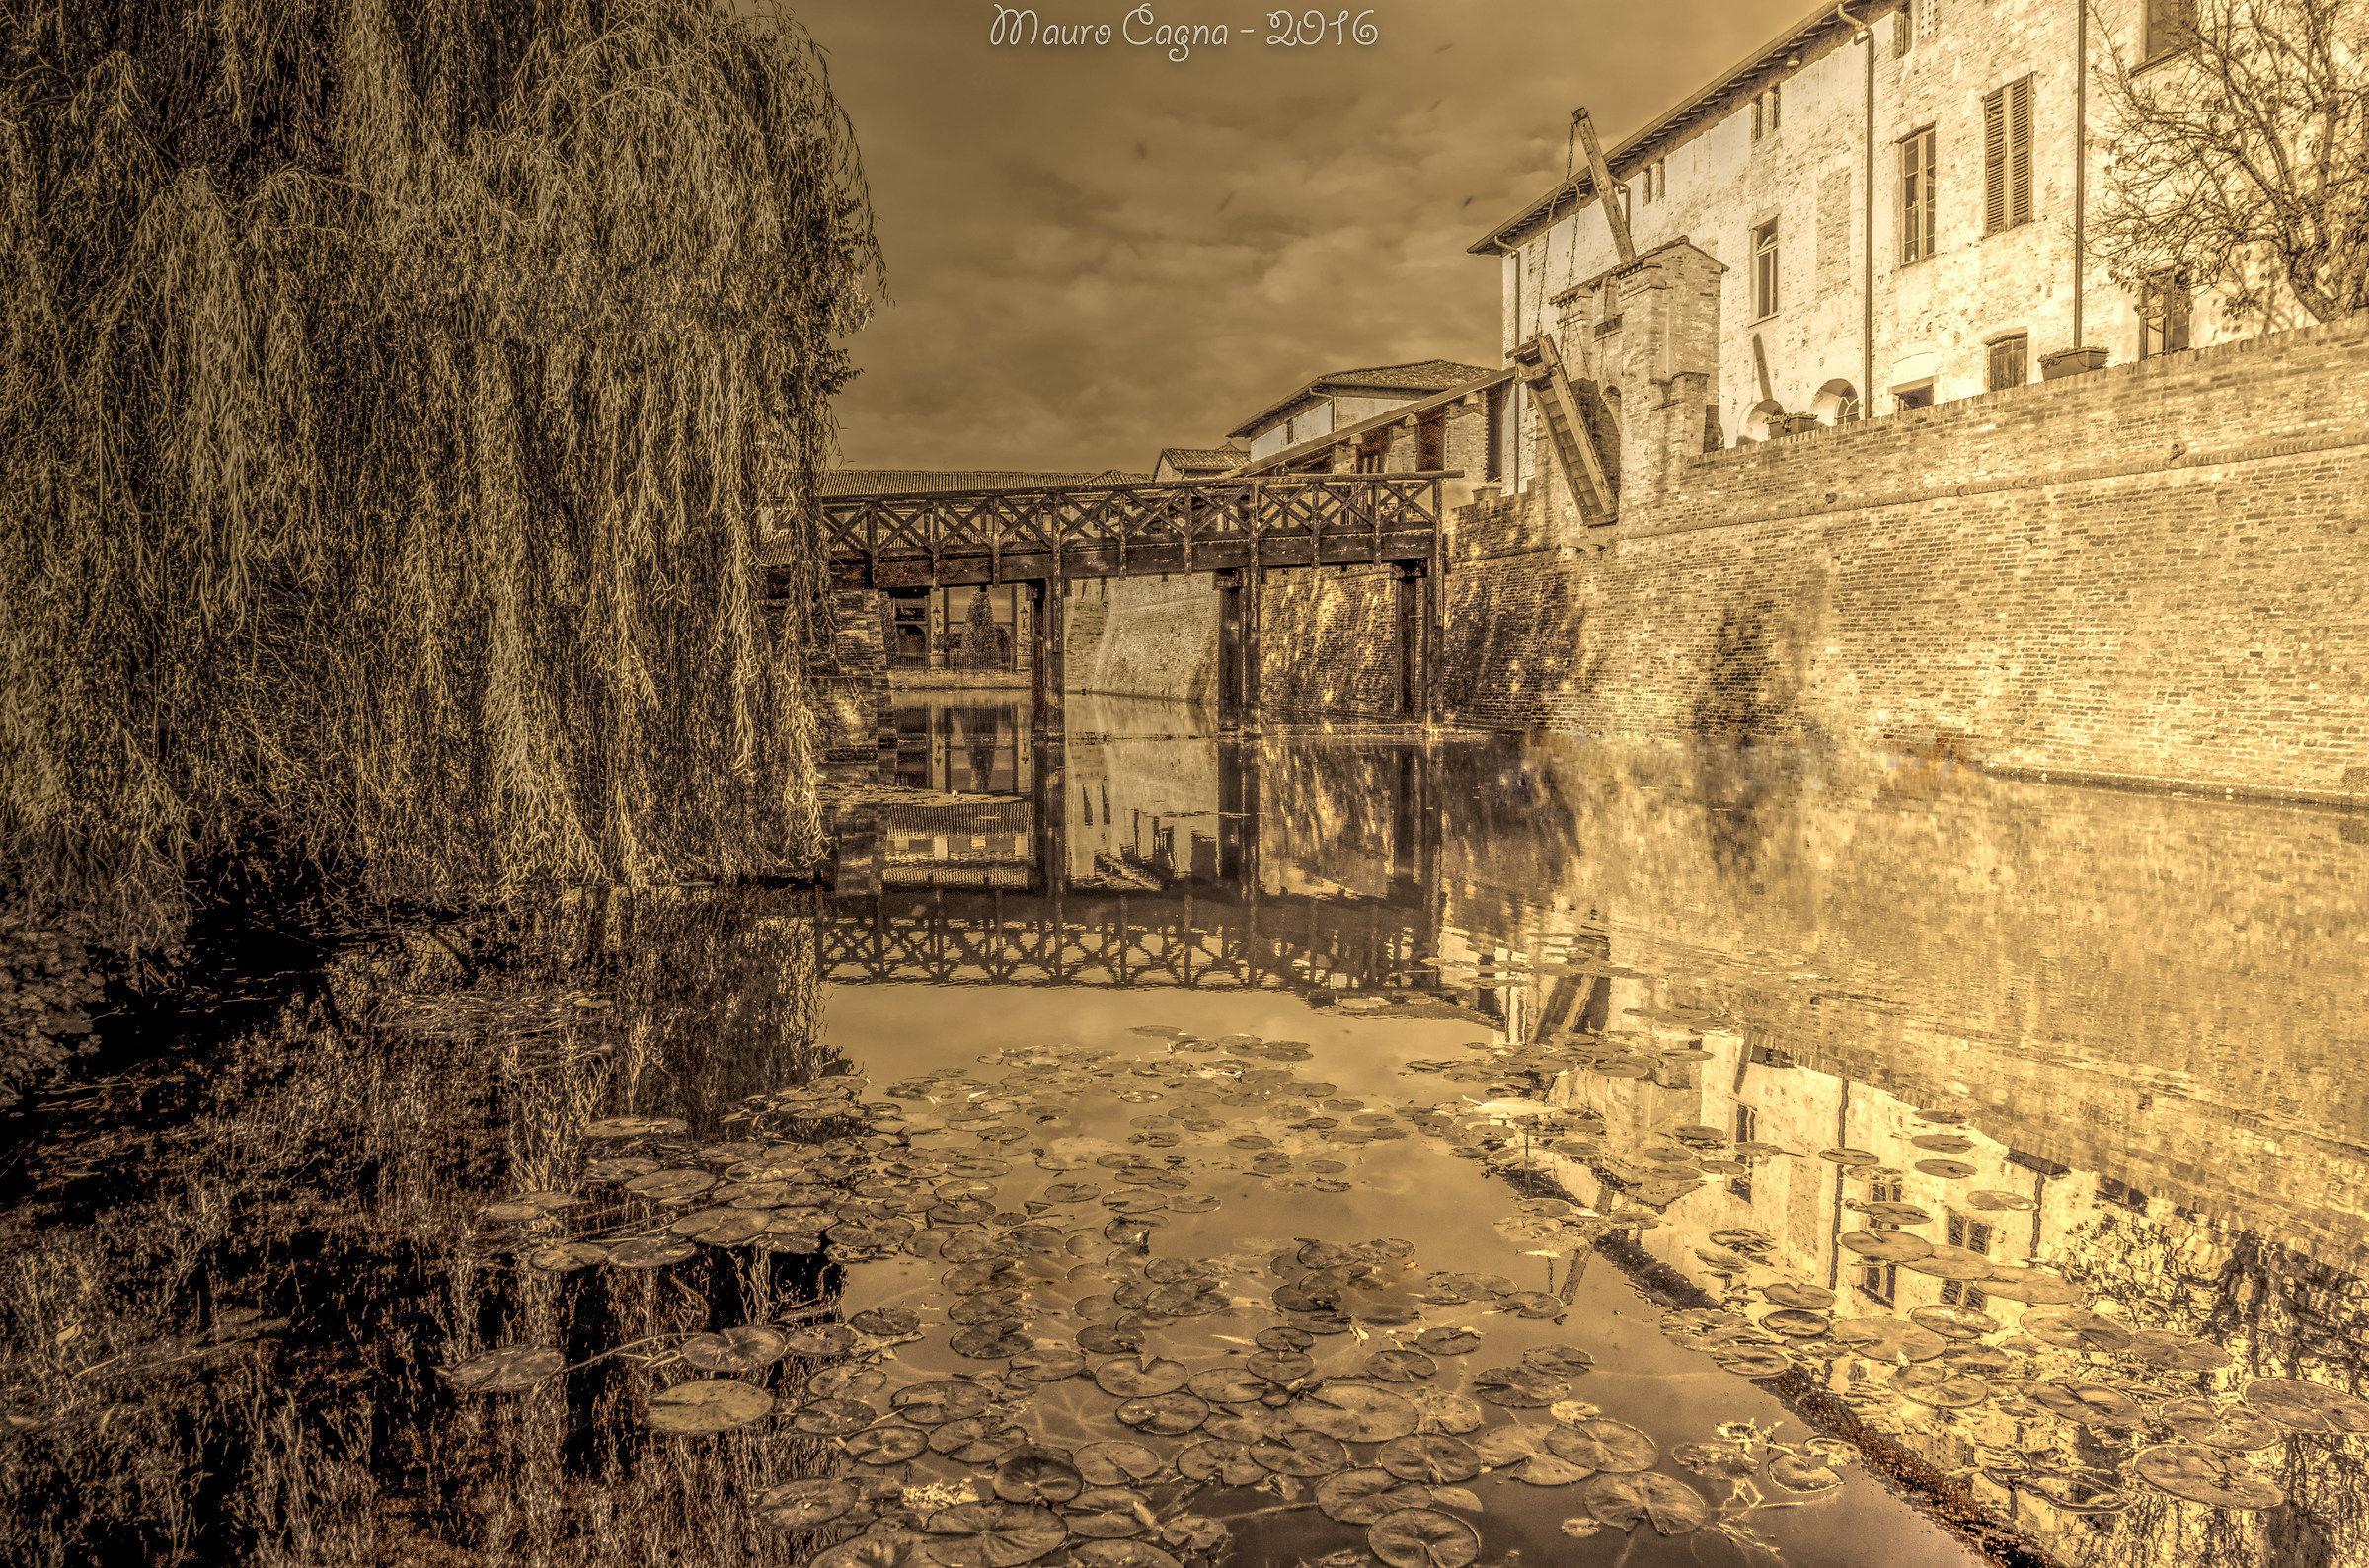 Castello di Pagazzano (bg) - HDR #1...